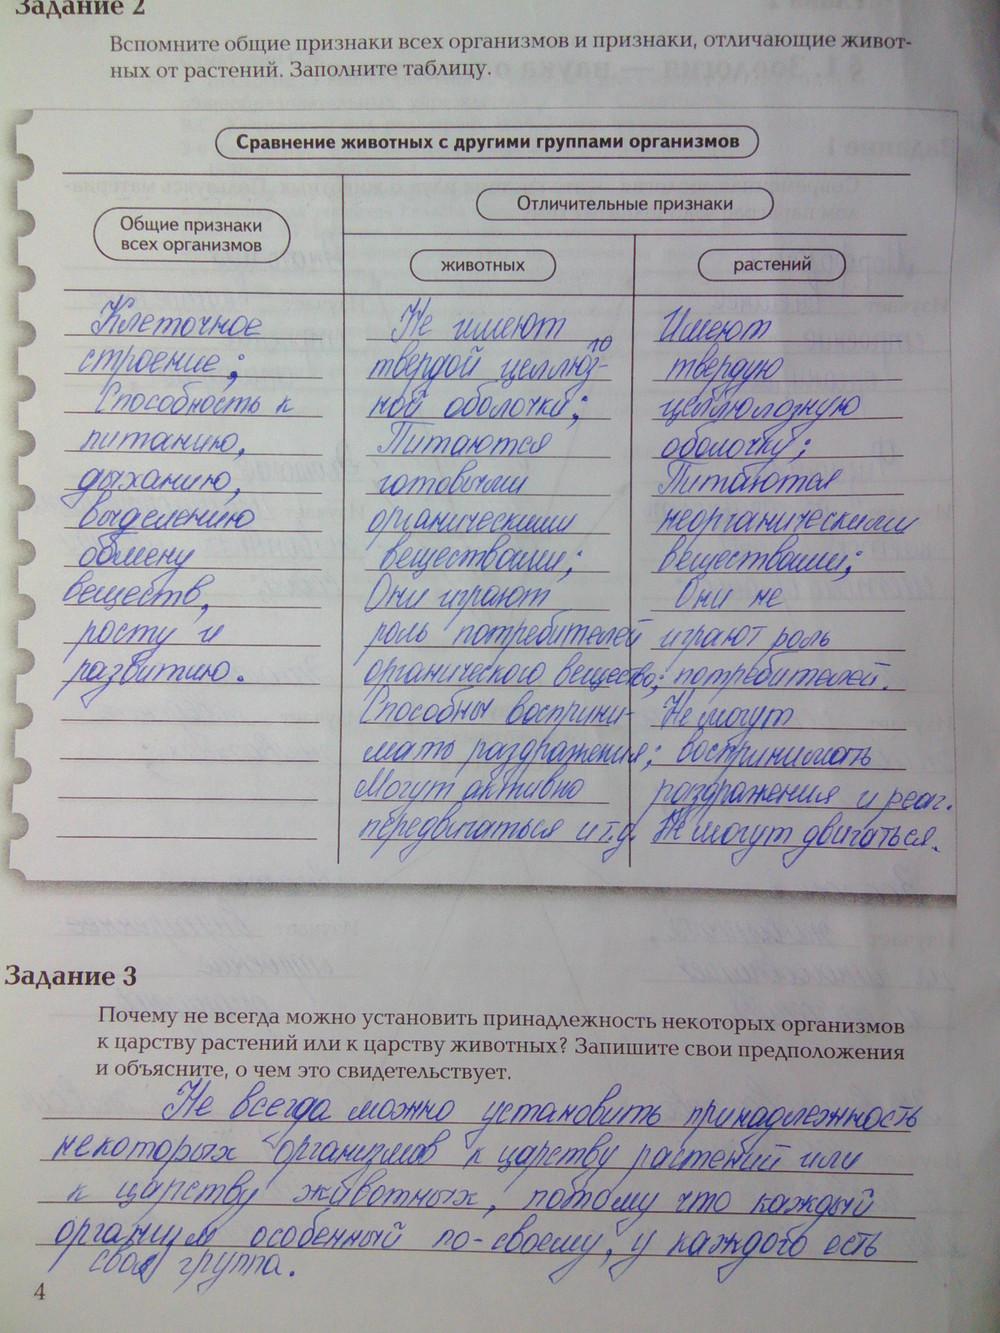 Гдз по биологии 7 класс в тетради авторы суматохин часть